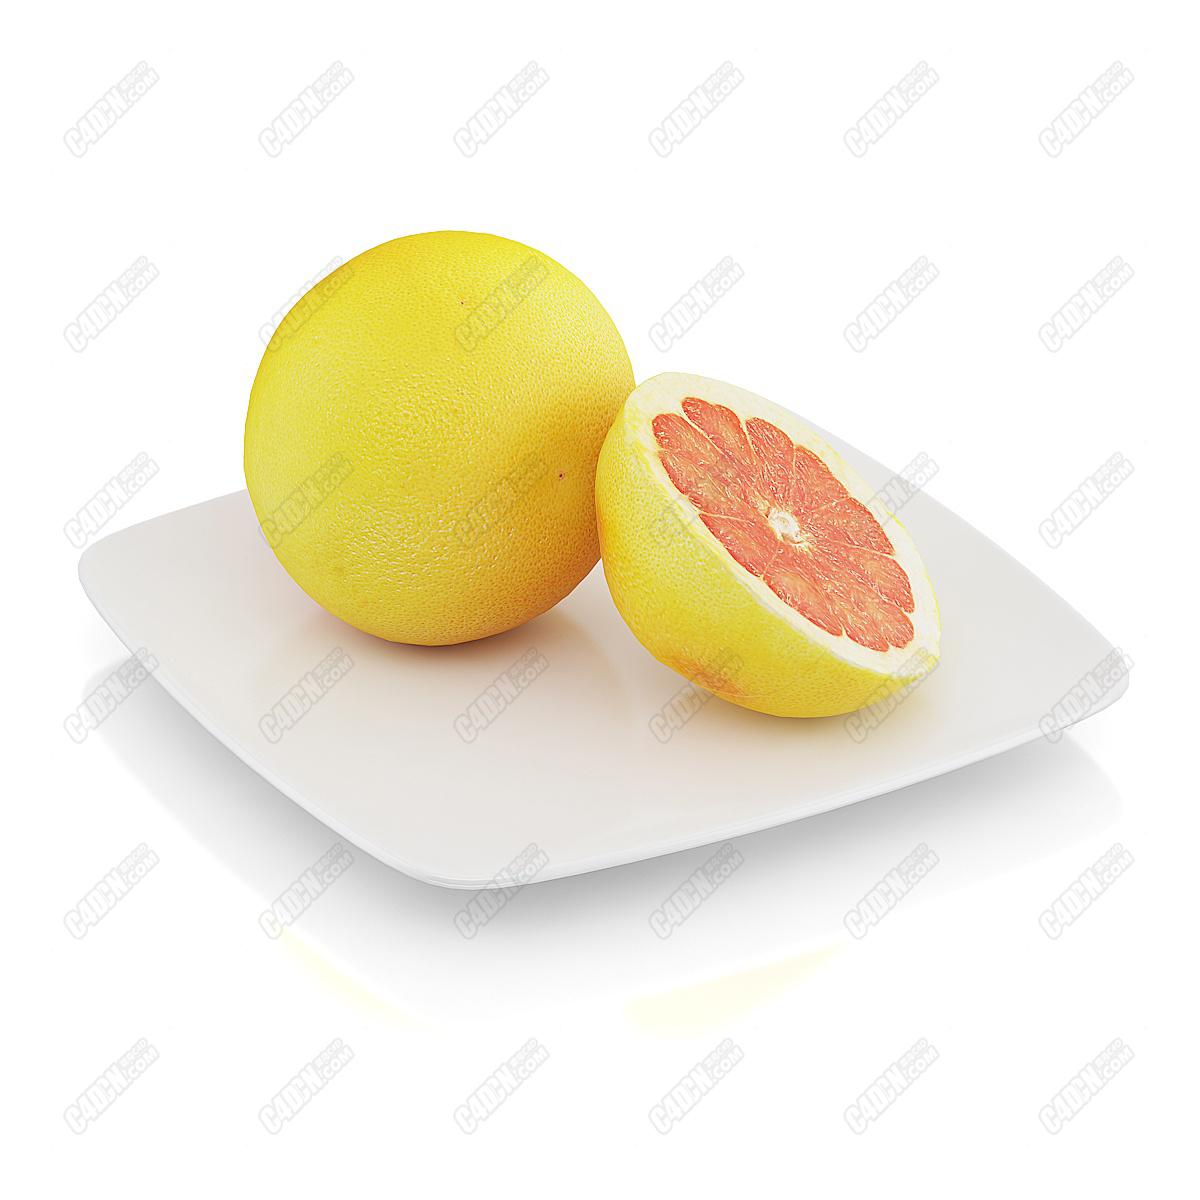 C4D模型-水果刀起开的橙子内瓤橘子夏天水果模型(包含材质和贴图)